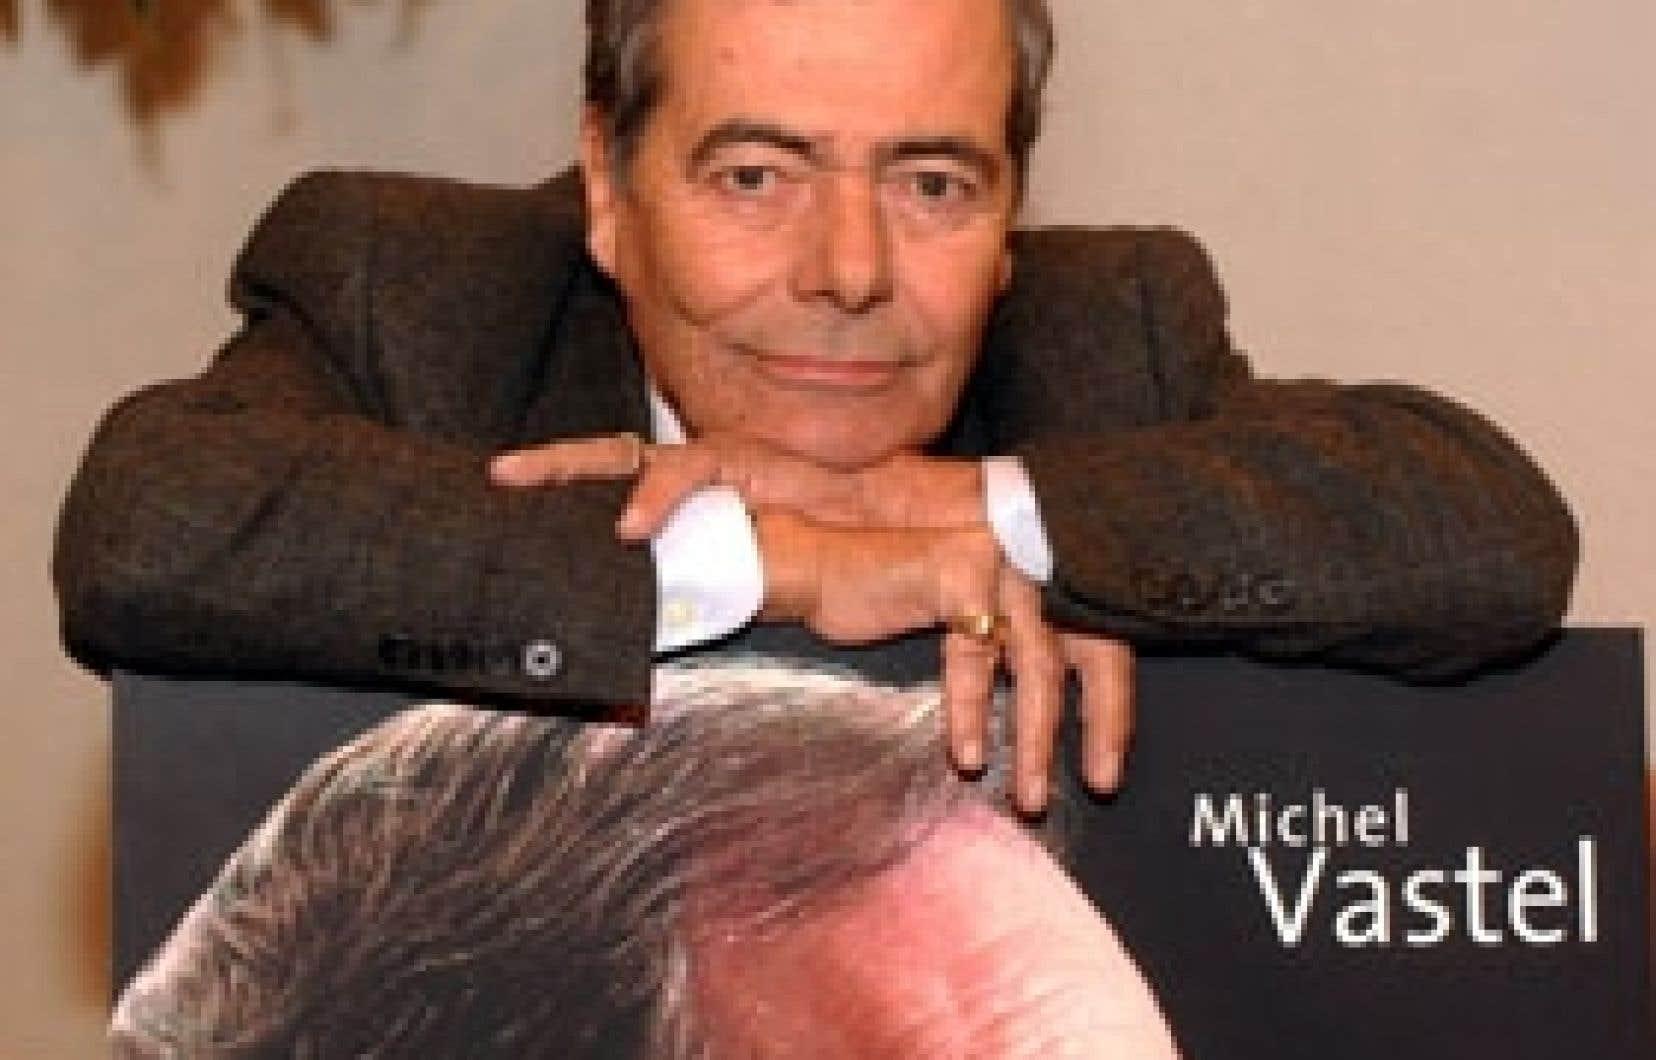 Au fil de sa carrière, Michel Vastel a été de toutes les tribunes journalistiques. Sans compromis, il décortiquait avec impertinence l'actualité, forçant le débat. Courtoisie : Journal de Montréal